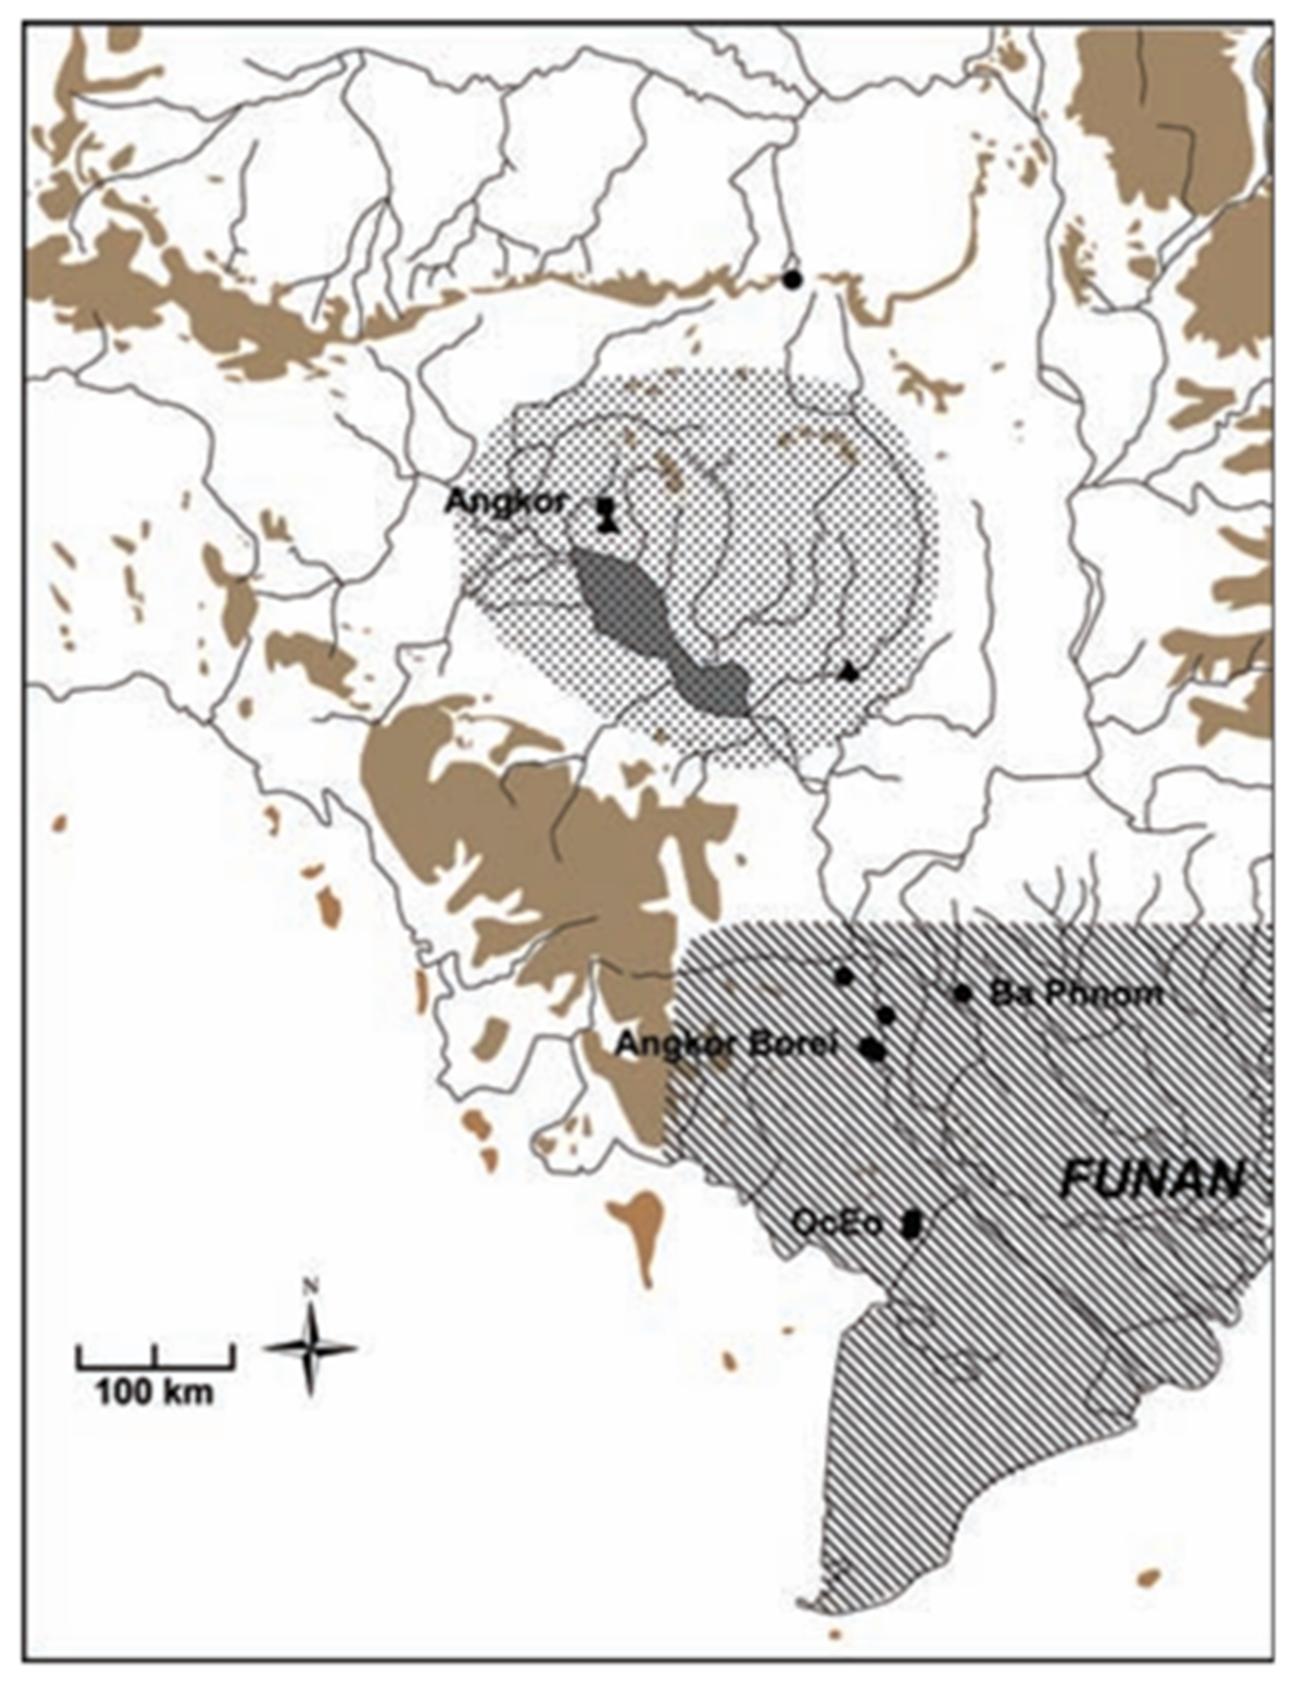 Vương quốc Phù Nam : Huyền thoại và những vấn đề lịch sử - 1